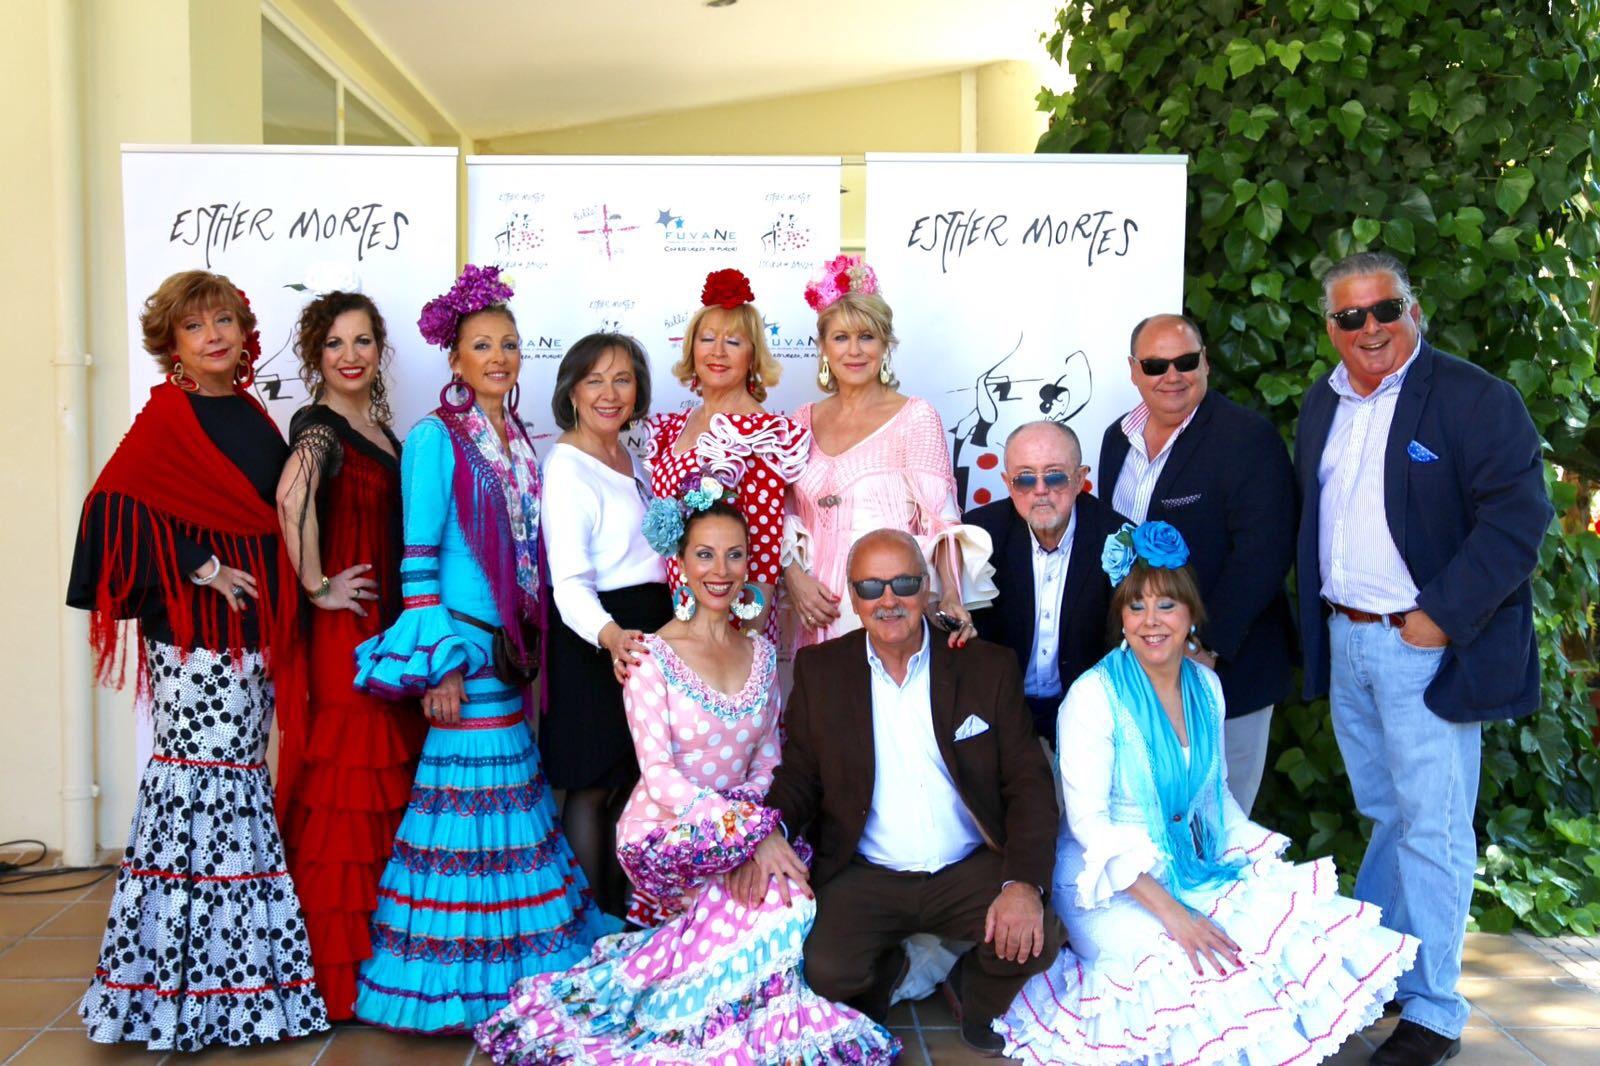 Feria de Abril - Esther Mortes - Escuela de Danza 2017